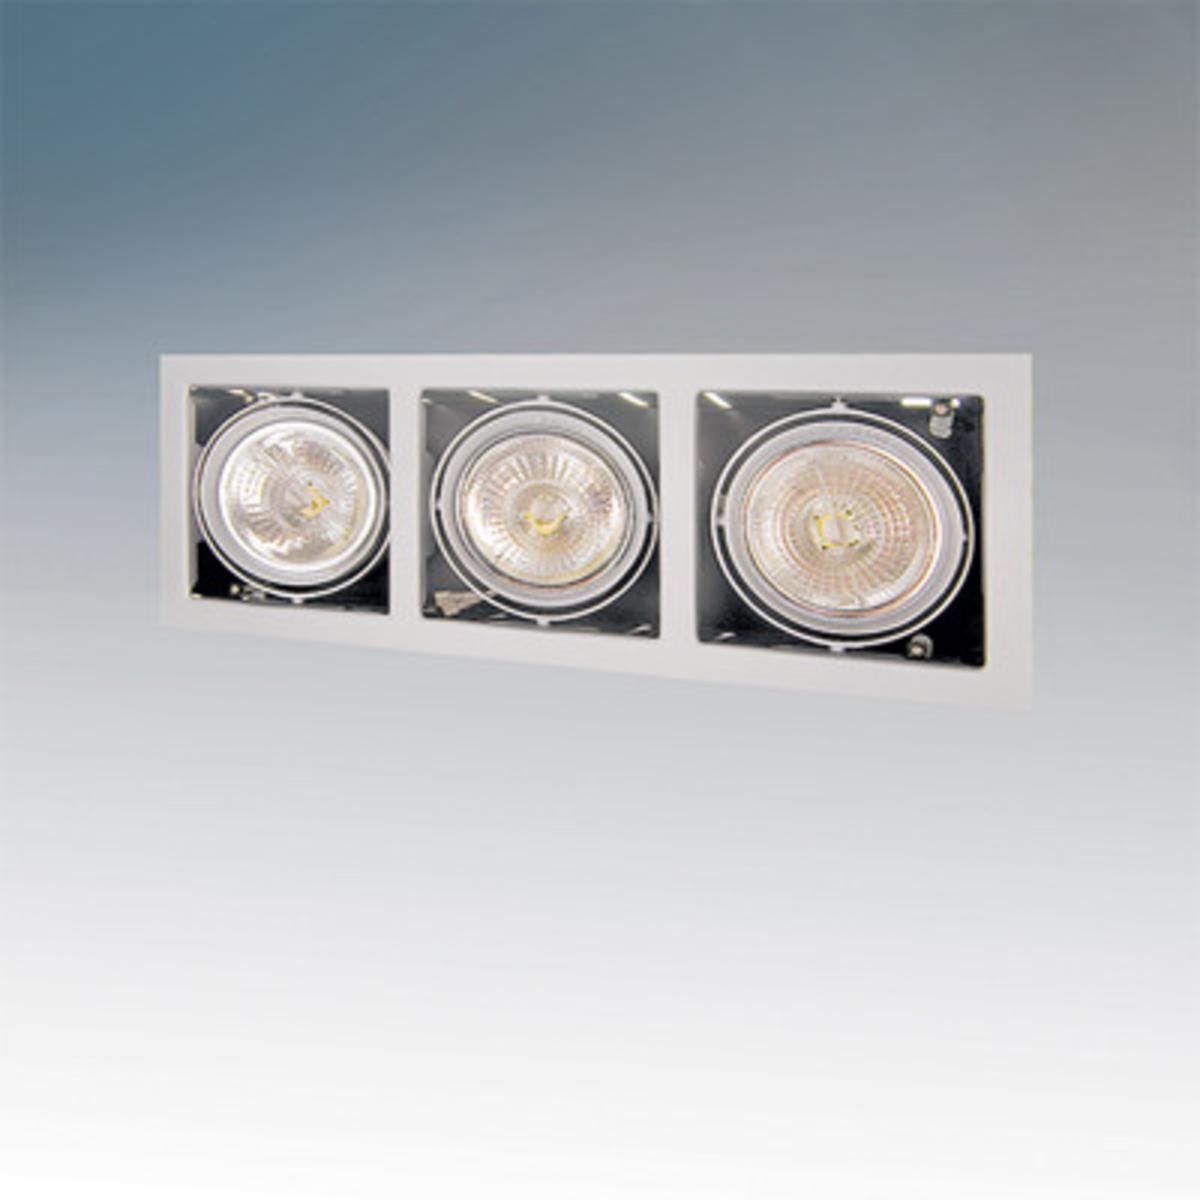 Купить Встраиваемый светильник CARDANO 214130, HomeMe